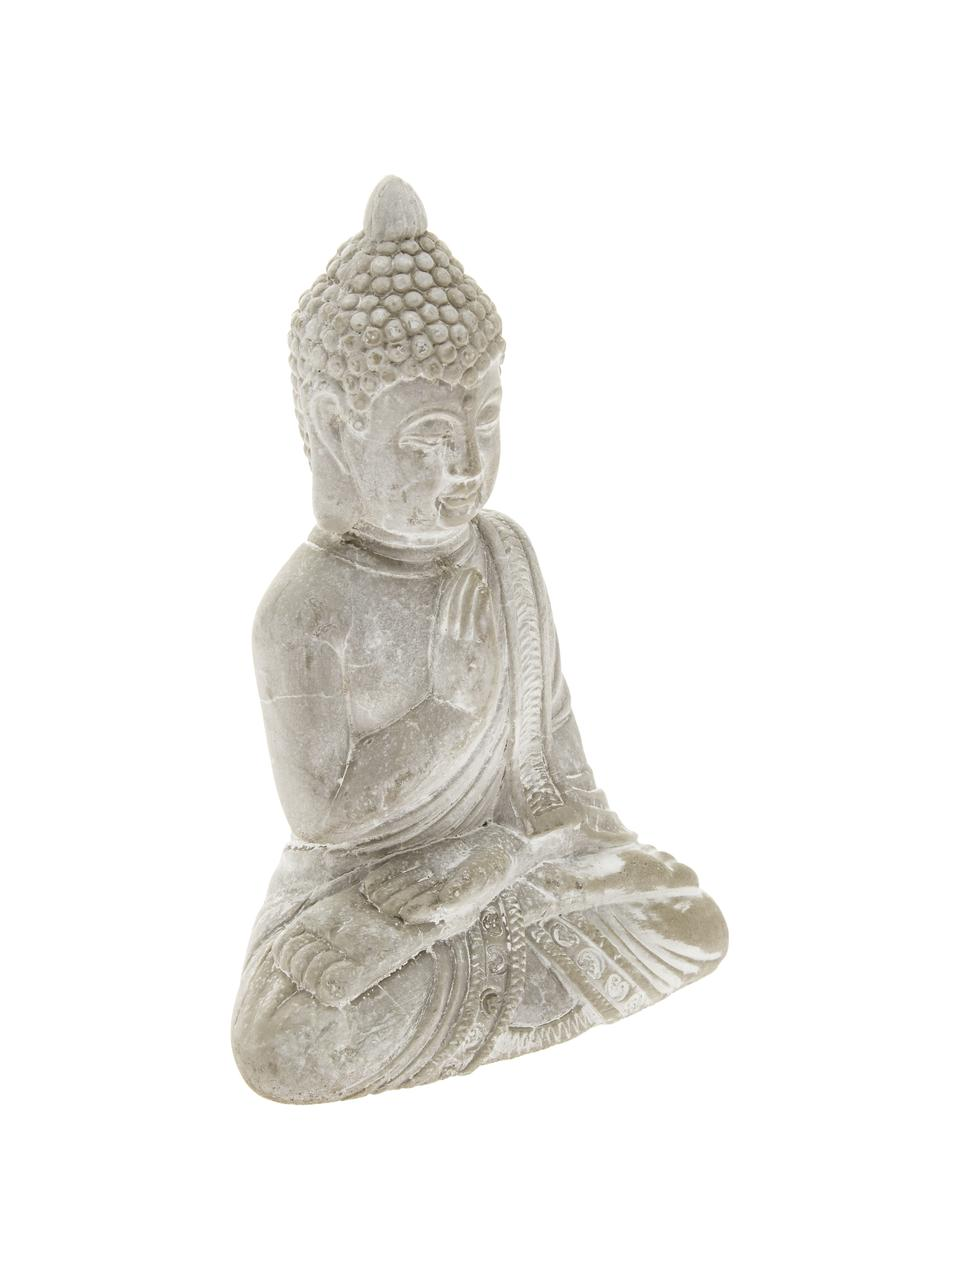 Deko-Objekt-Set Buddha, 2-tlg., Beton, Hellgrau, 9 x 14 cm